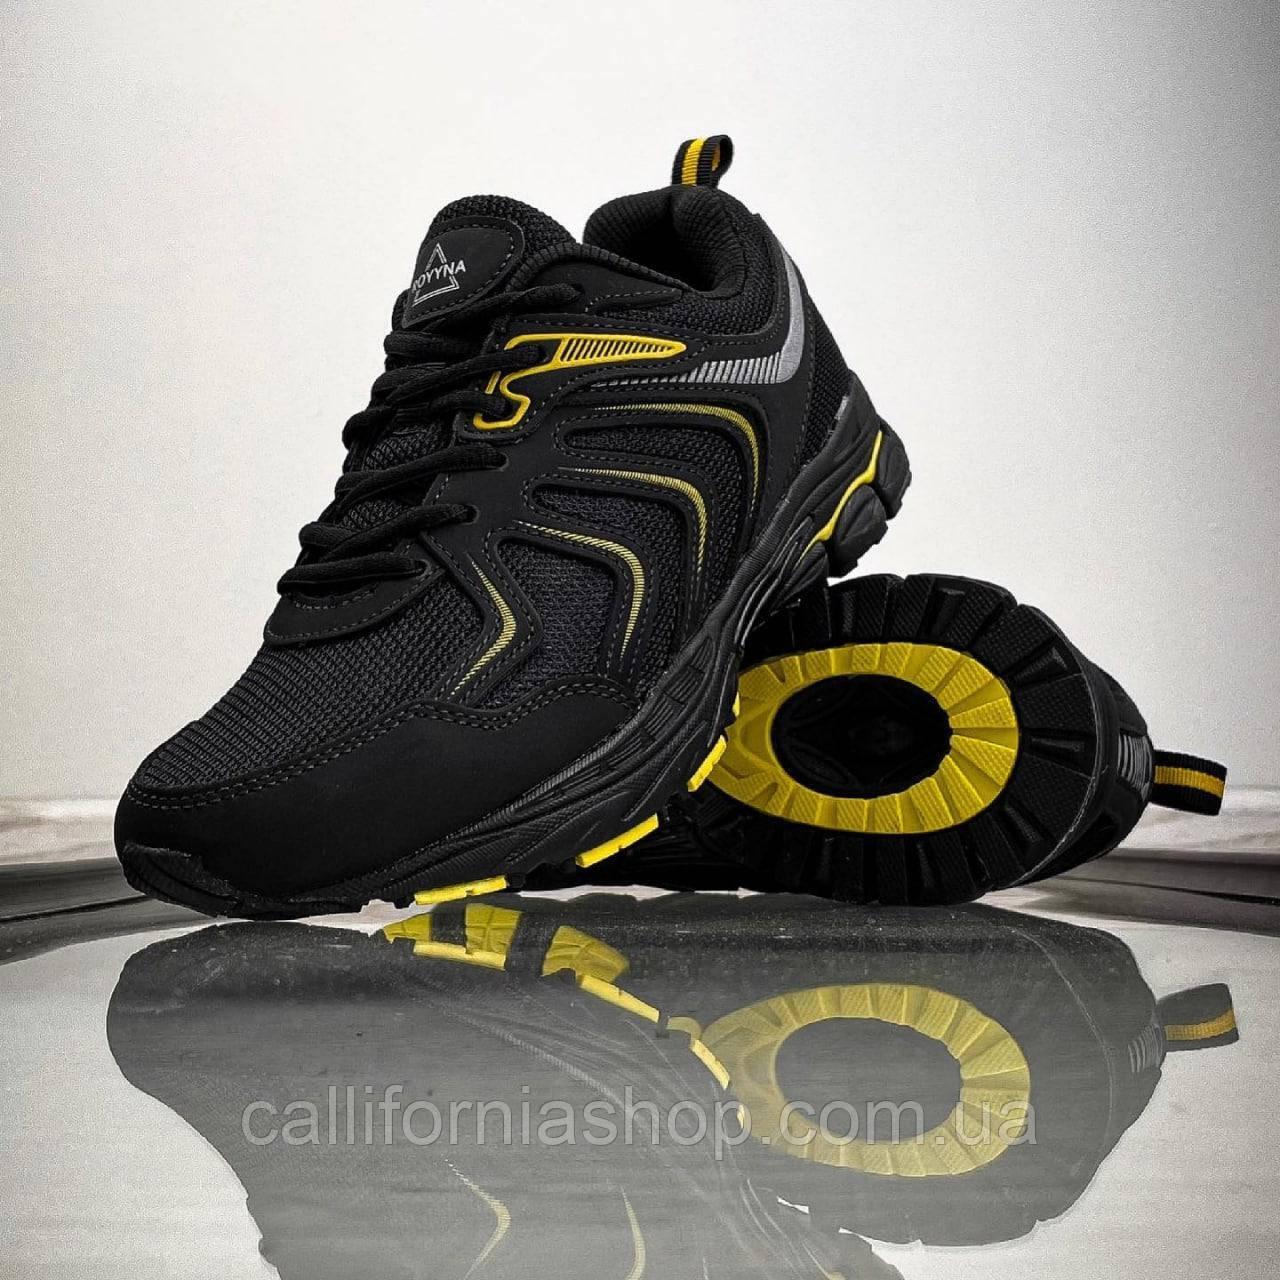 Чоловічі кросівки шкіряні зі вставками із сітки колір чорний з жовтим